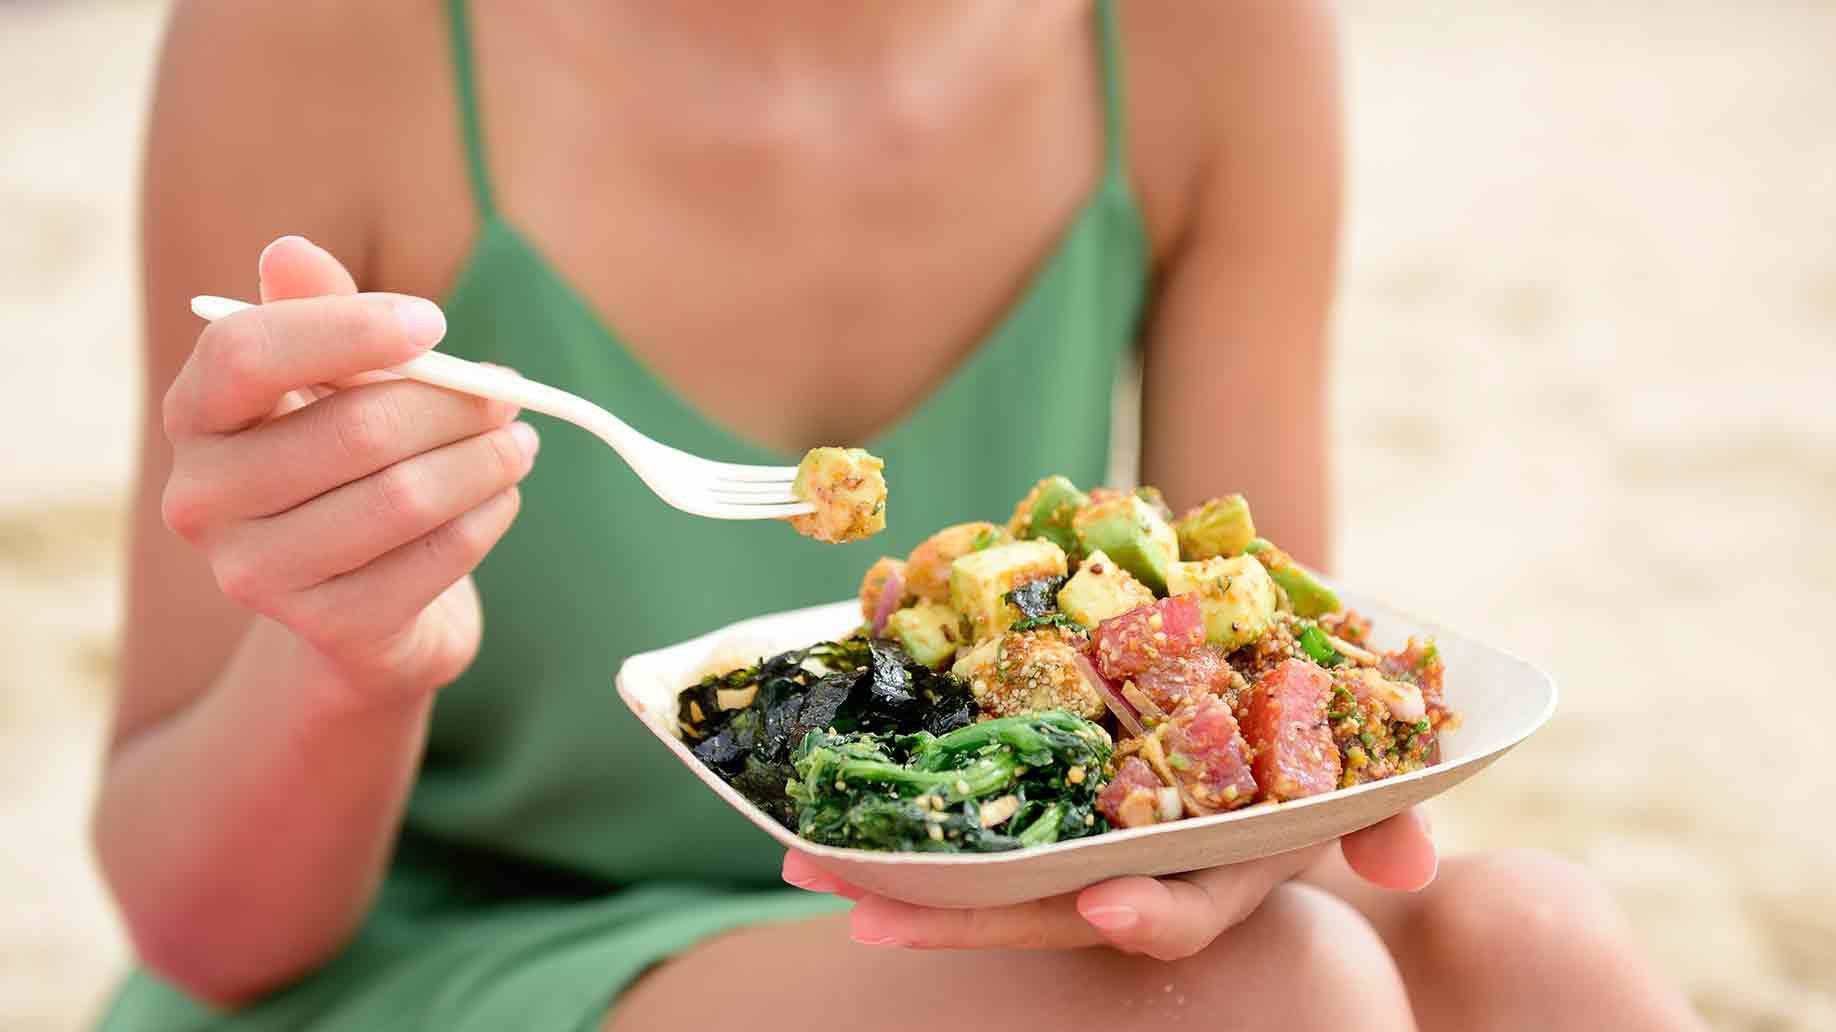 Lưu ý khi ăn chế độ ăn kiêng